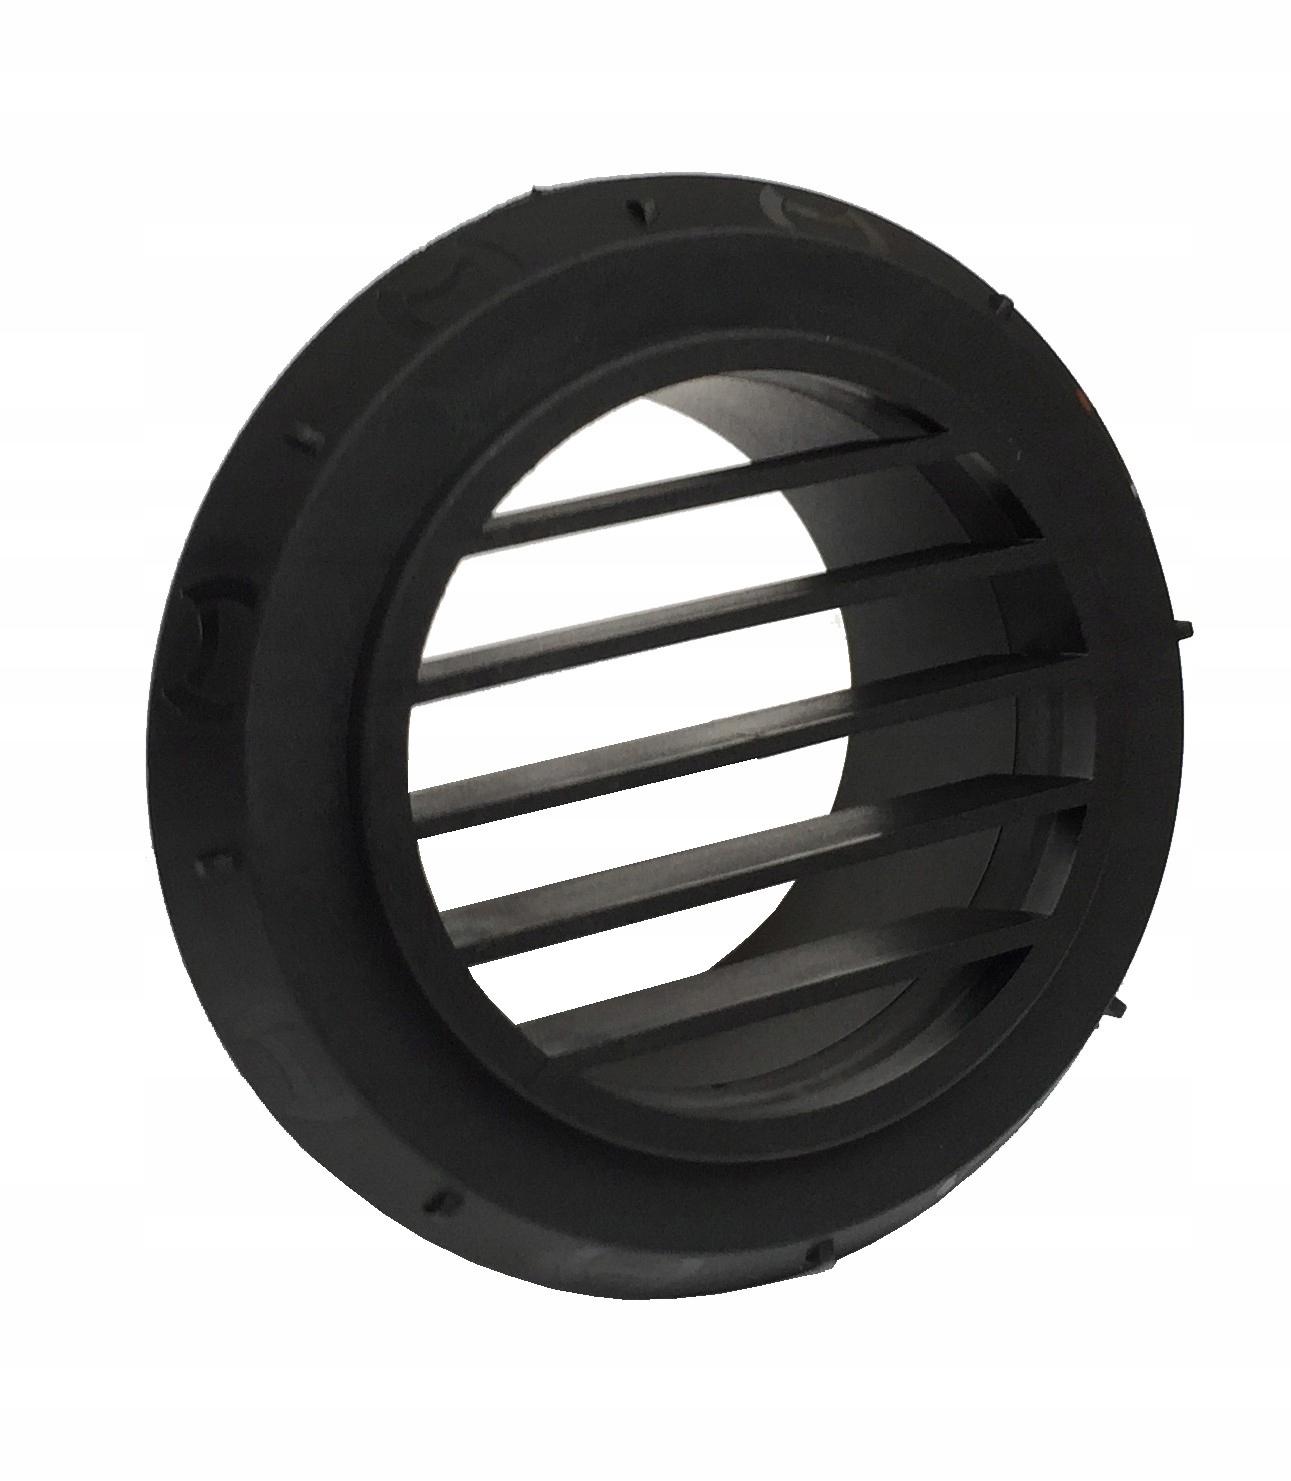 выход воздуха fi 60mm webasto черный - 1320934a